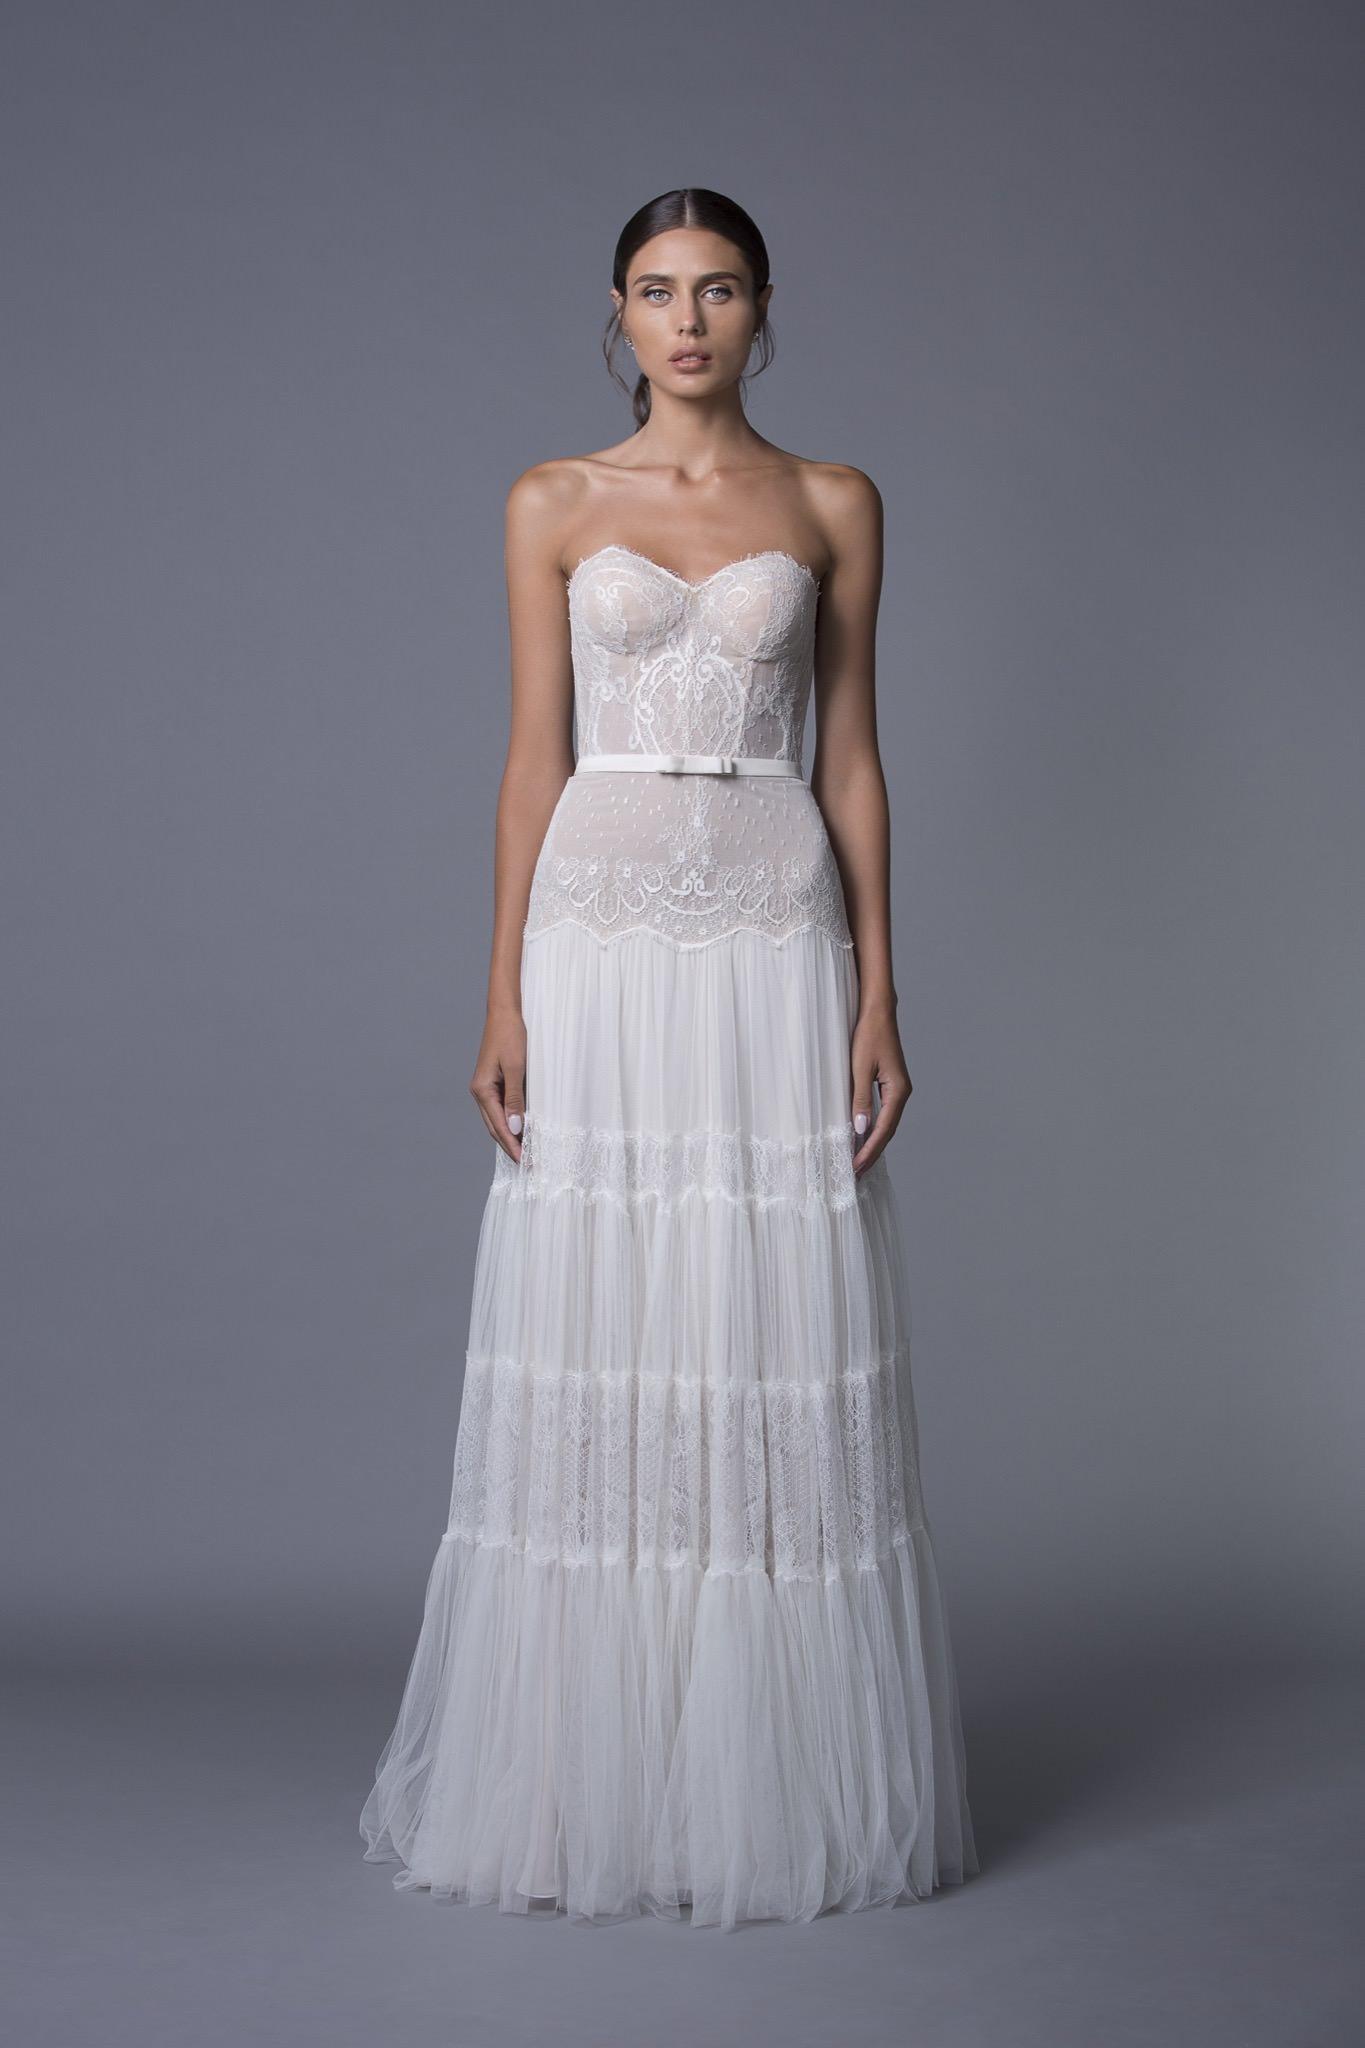 Lihi hod jane wedding dress browns bride for Lihi hod wedding dress for sale